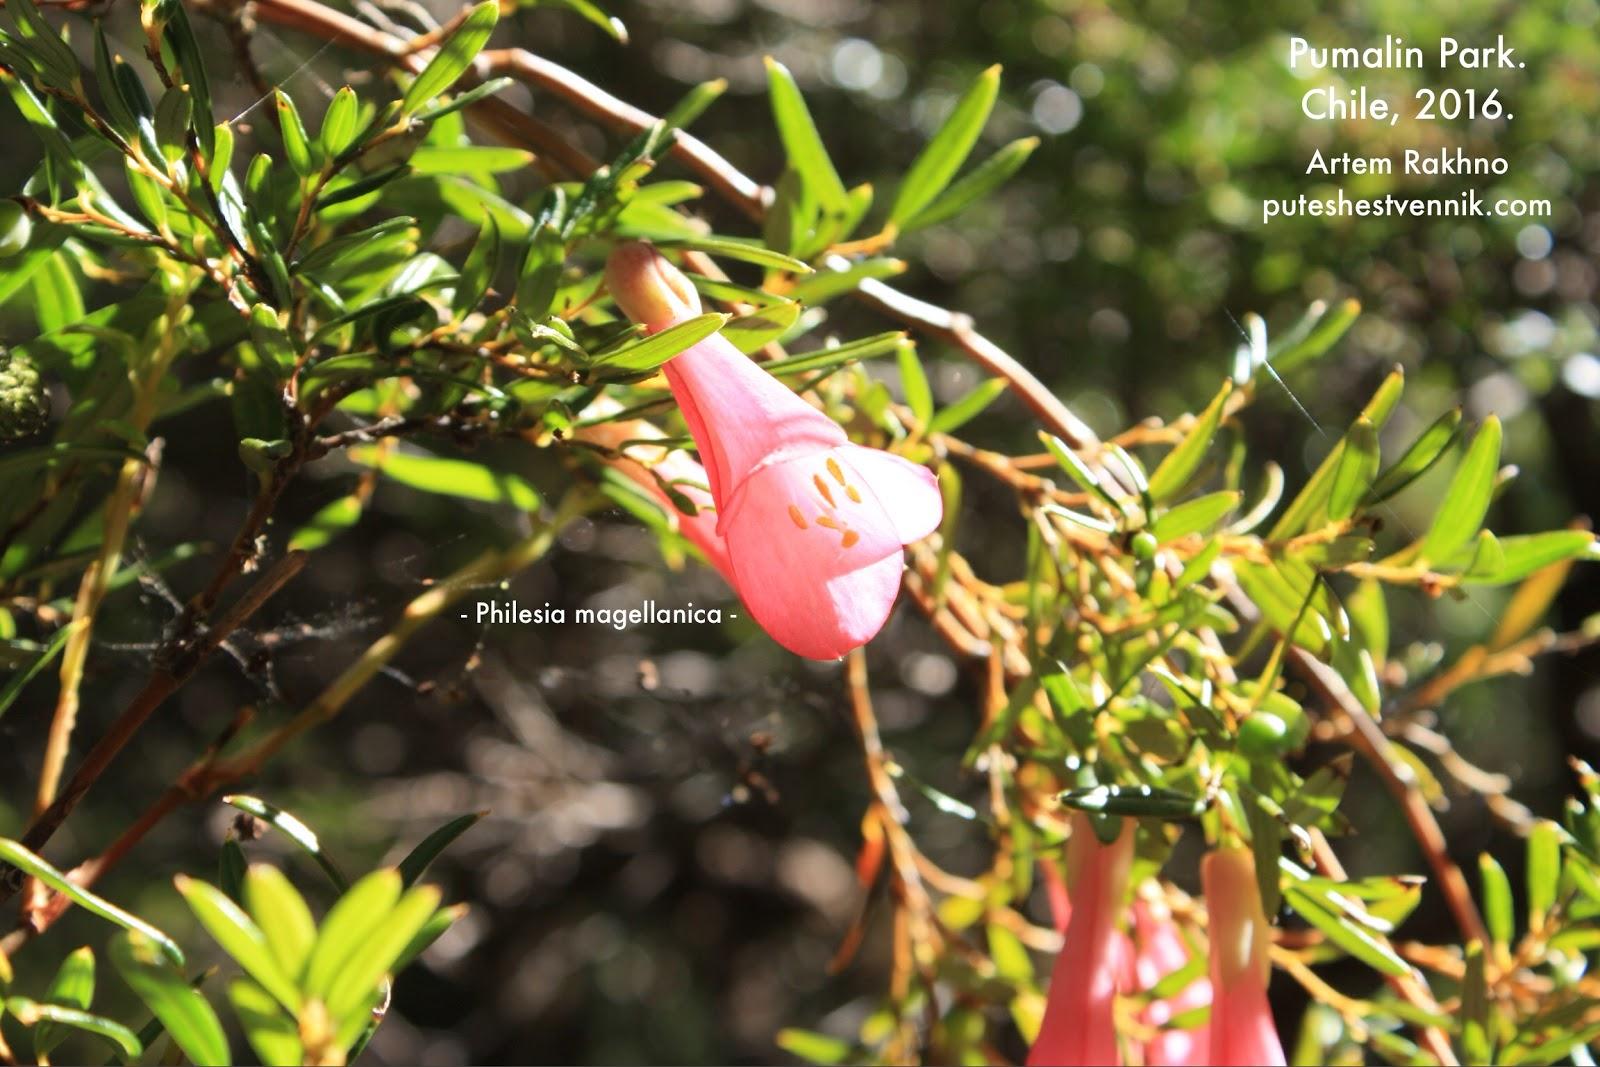 Цветок филезии